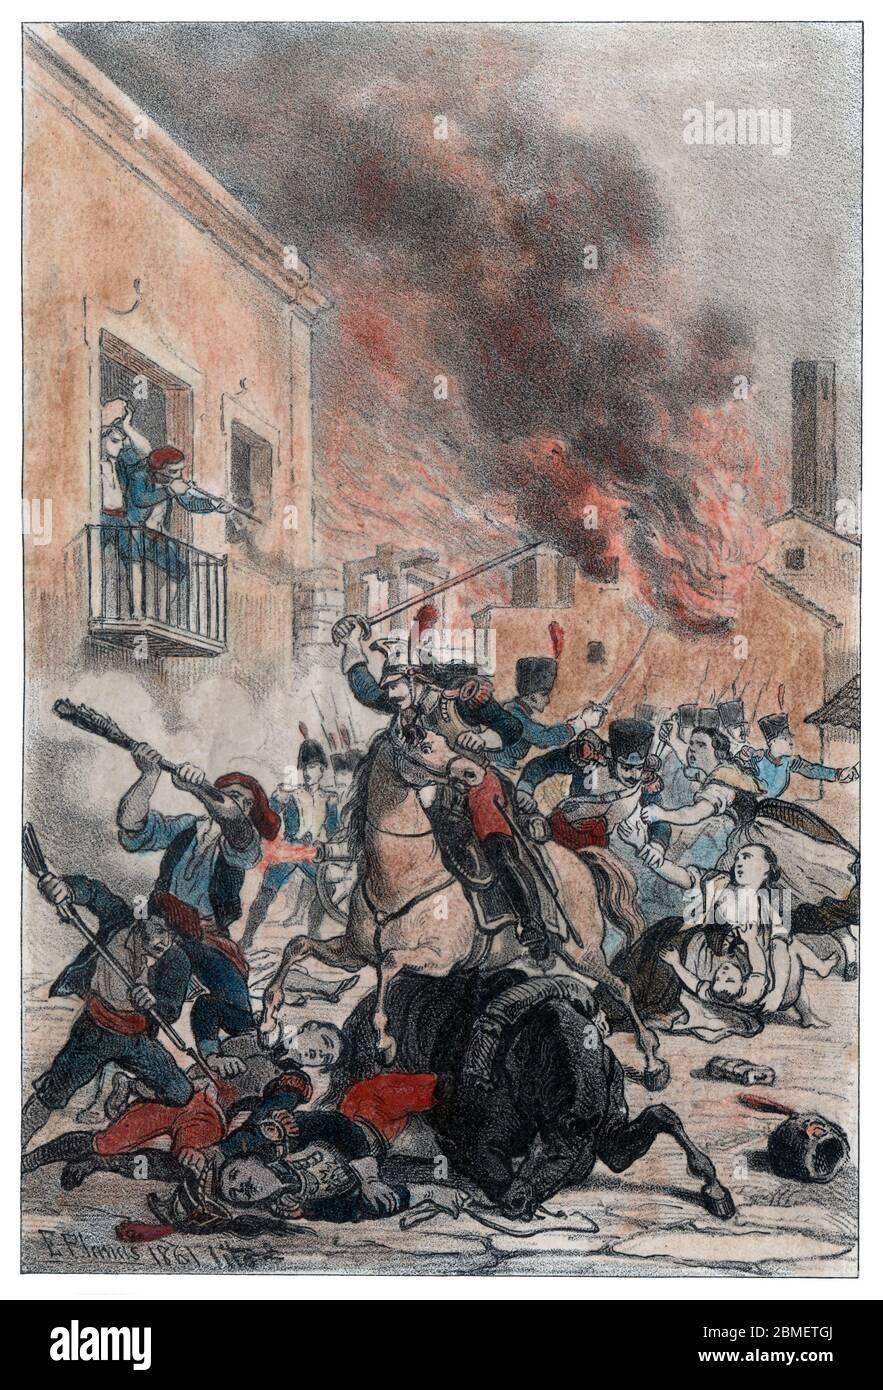 Guerra de la Independencia (1808-1814). Catalunya. Incendio y desastre en Arbós. Grabado de 1861. Author: Eusebi Planas Franquesa. Stock Photo